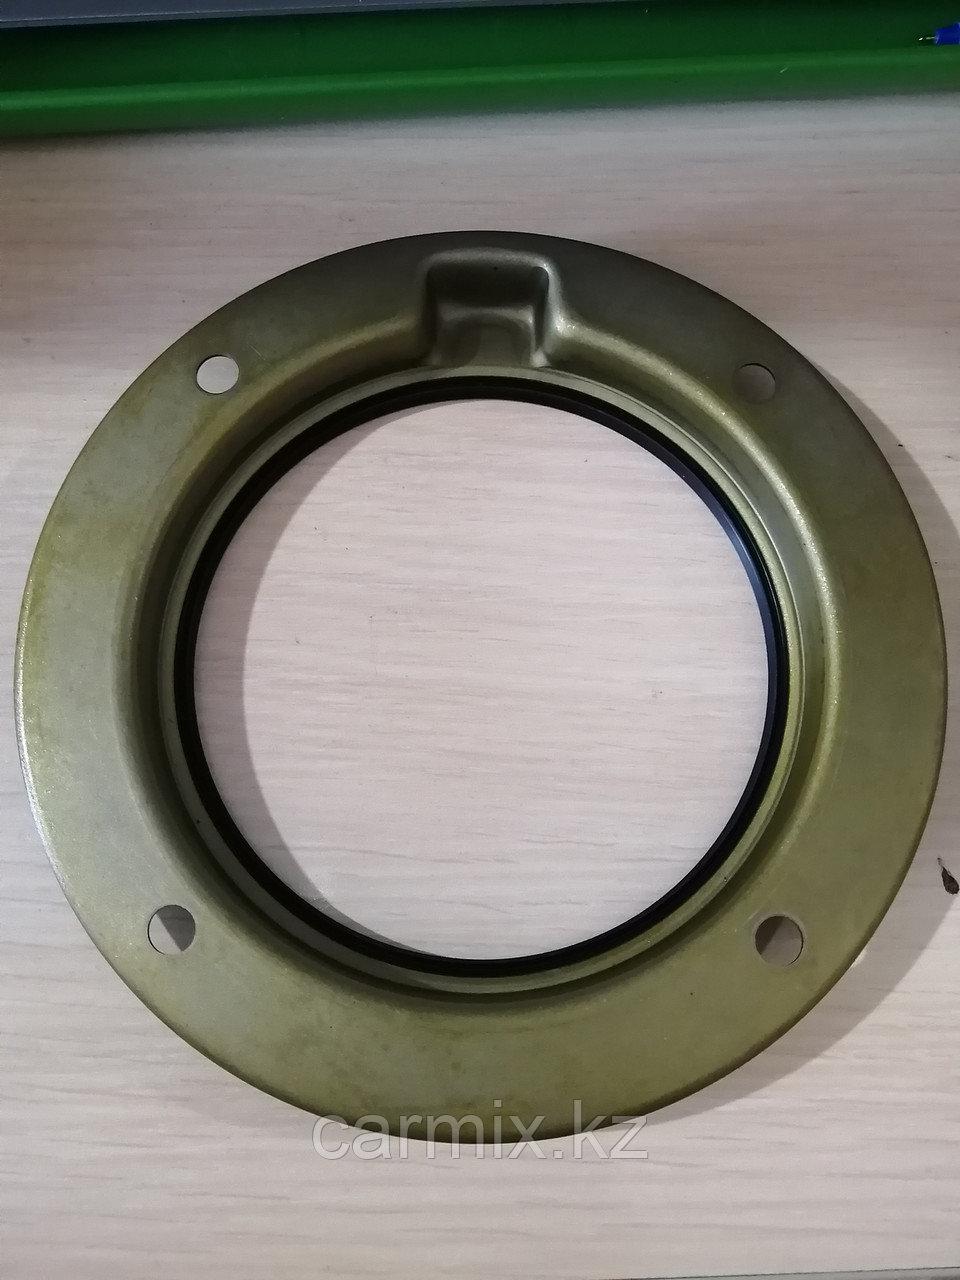 Сальник поворотного кулака (передней цапфы) LAND CRUISER 100, LEXUS LX470 1998-2005